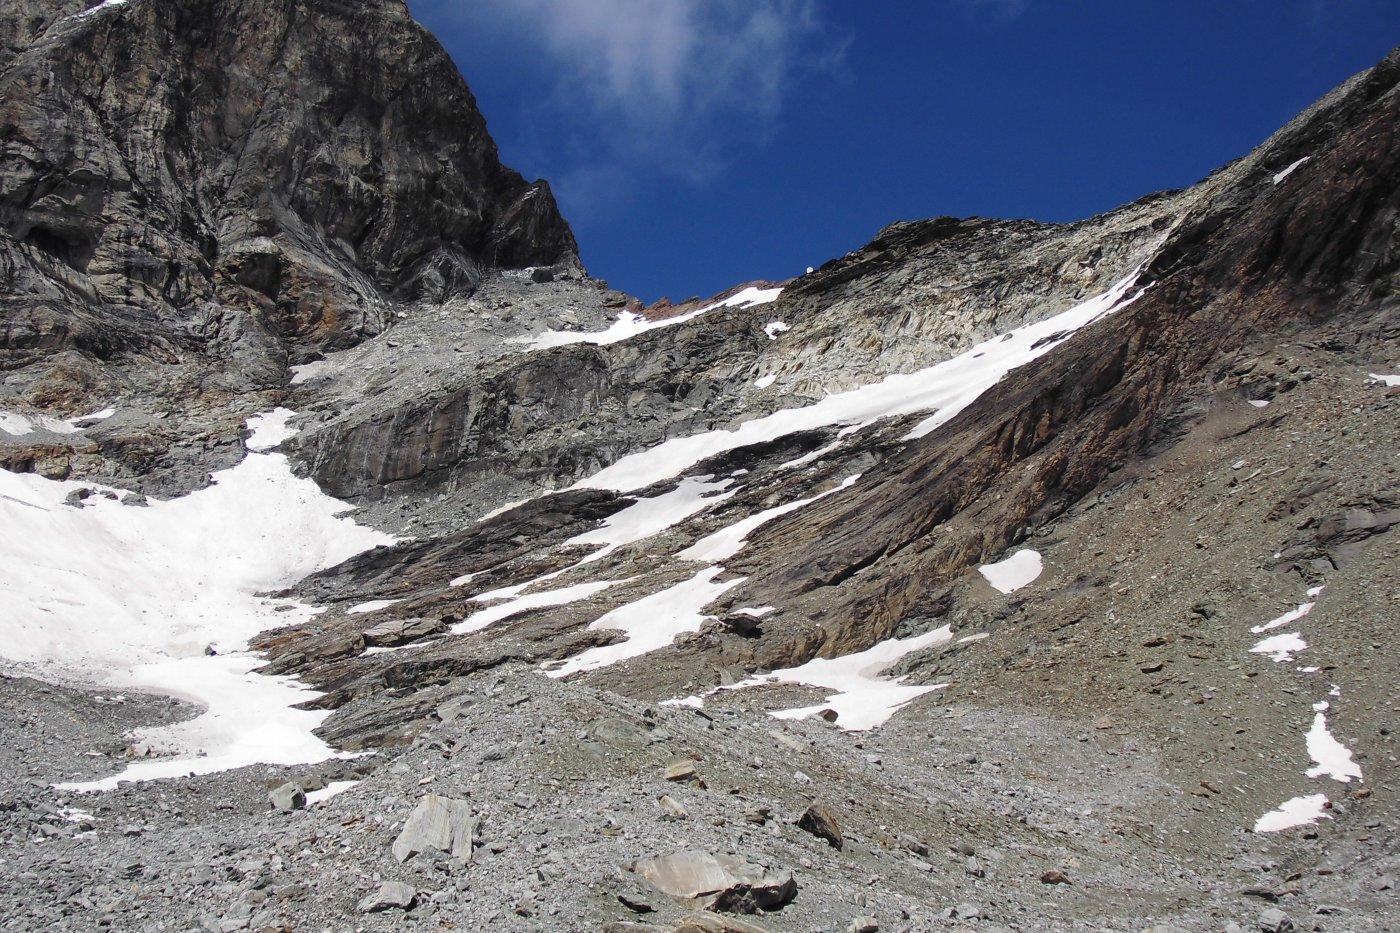 Dai pianori morenici sottostani il colle del Fürggen, si scorge il bivacco lucente in cresta. La via di salita da noi seguita segue la linea ideale che conguinge i piccoli nevai sottostanti al bivacco.